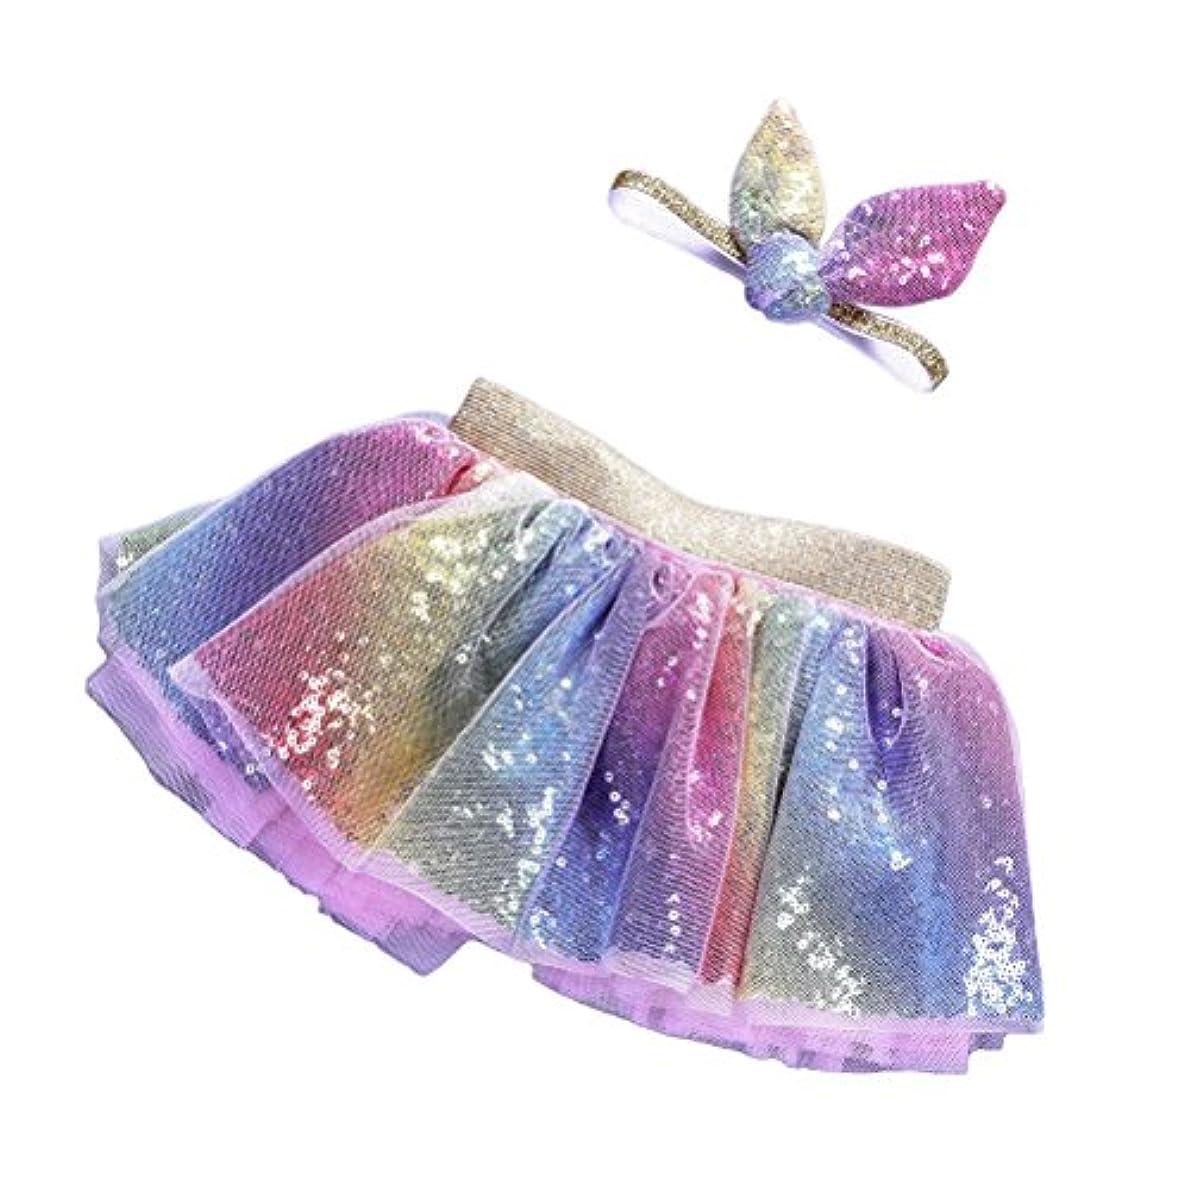 サスペンション悪因子不合格LUOEM 2PCSレインボーツツスカート(ヘッドバンド付き)プリンセスガールツツーの服装ベイビーガールズ誕生日の服セットサイズL(4-8歳)